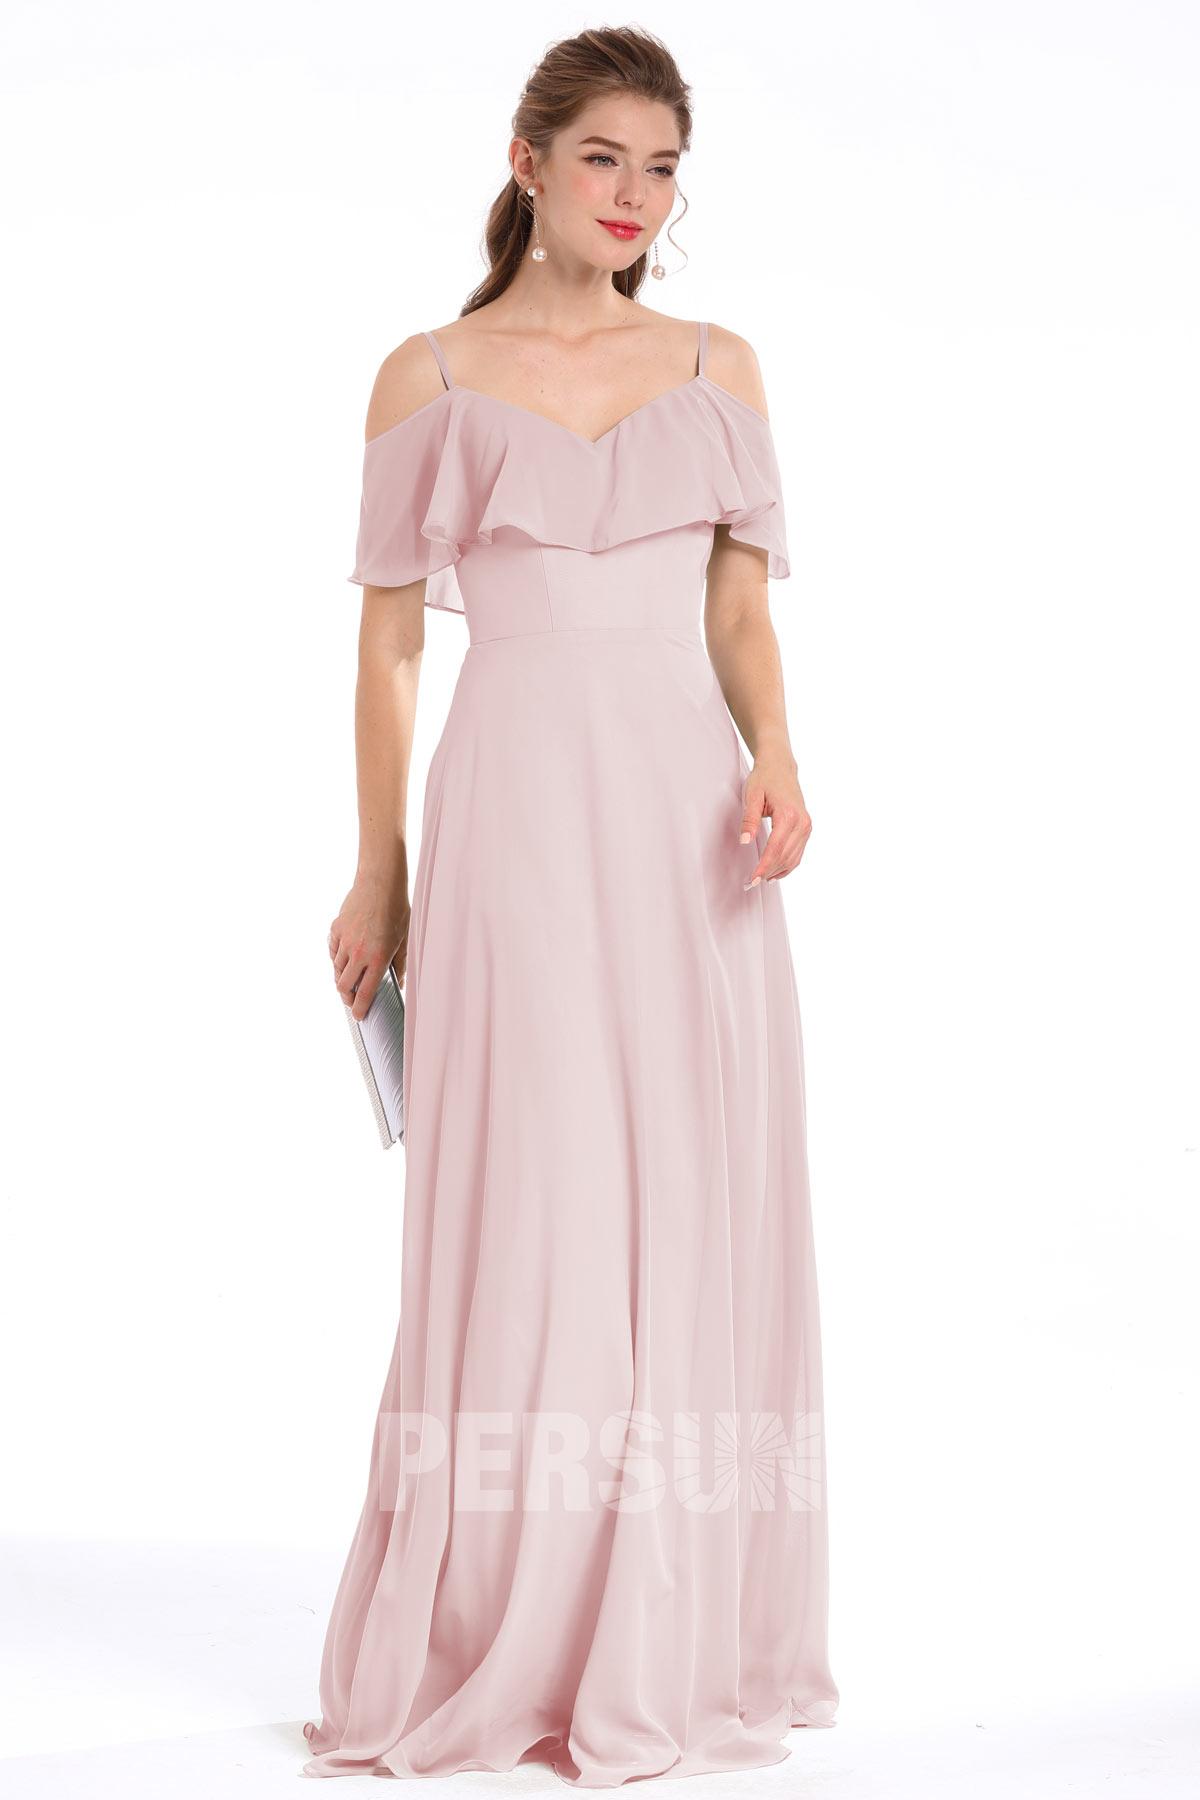 robe demoiselle d'honneur longue rose épaule dégagée à volant bretelles